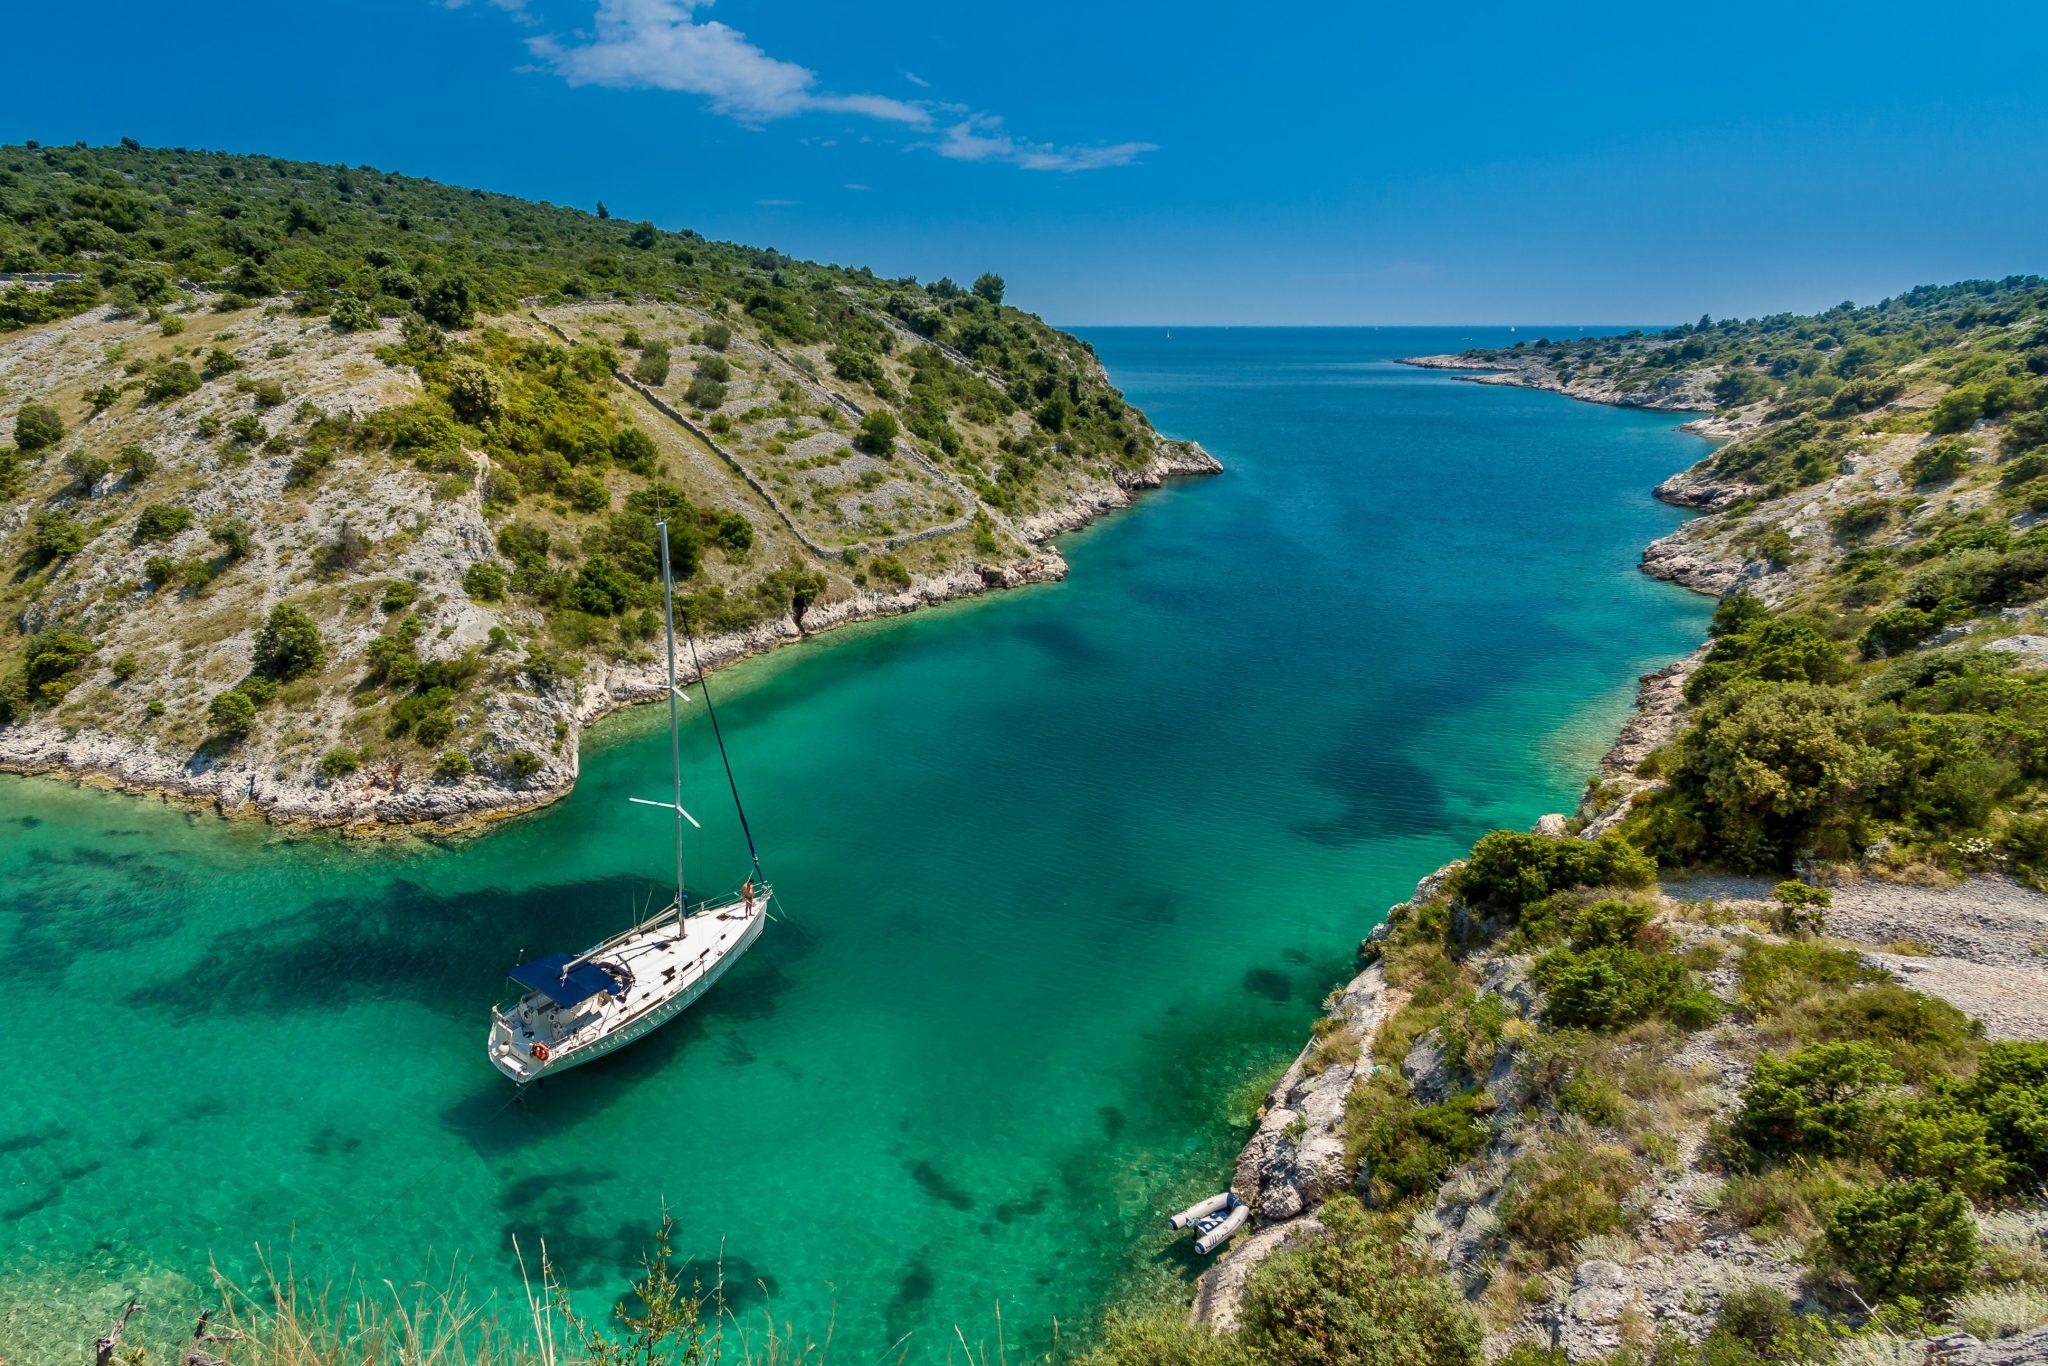 Croacia en 12 días de fascinante road trip